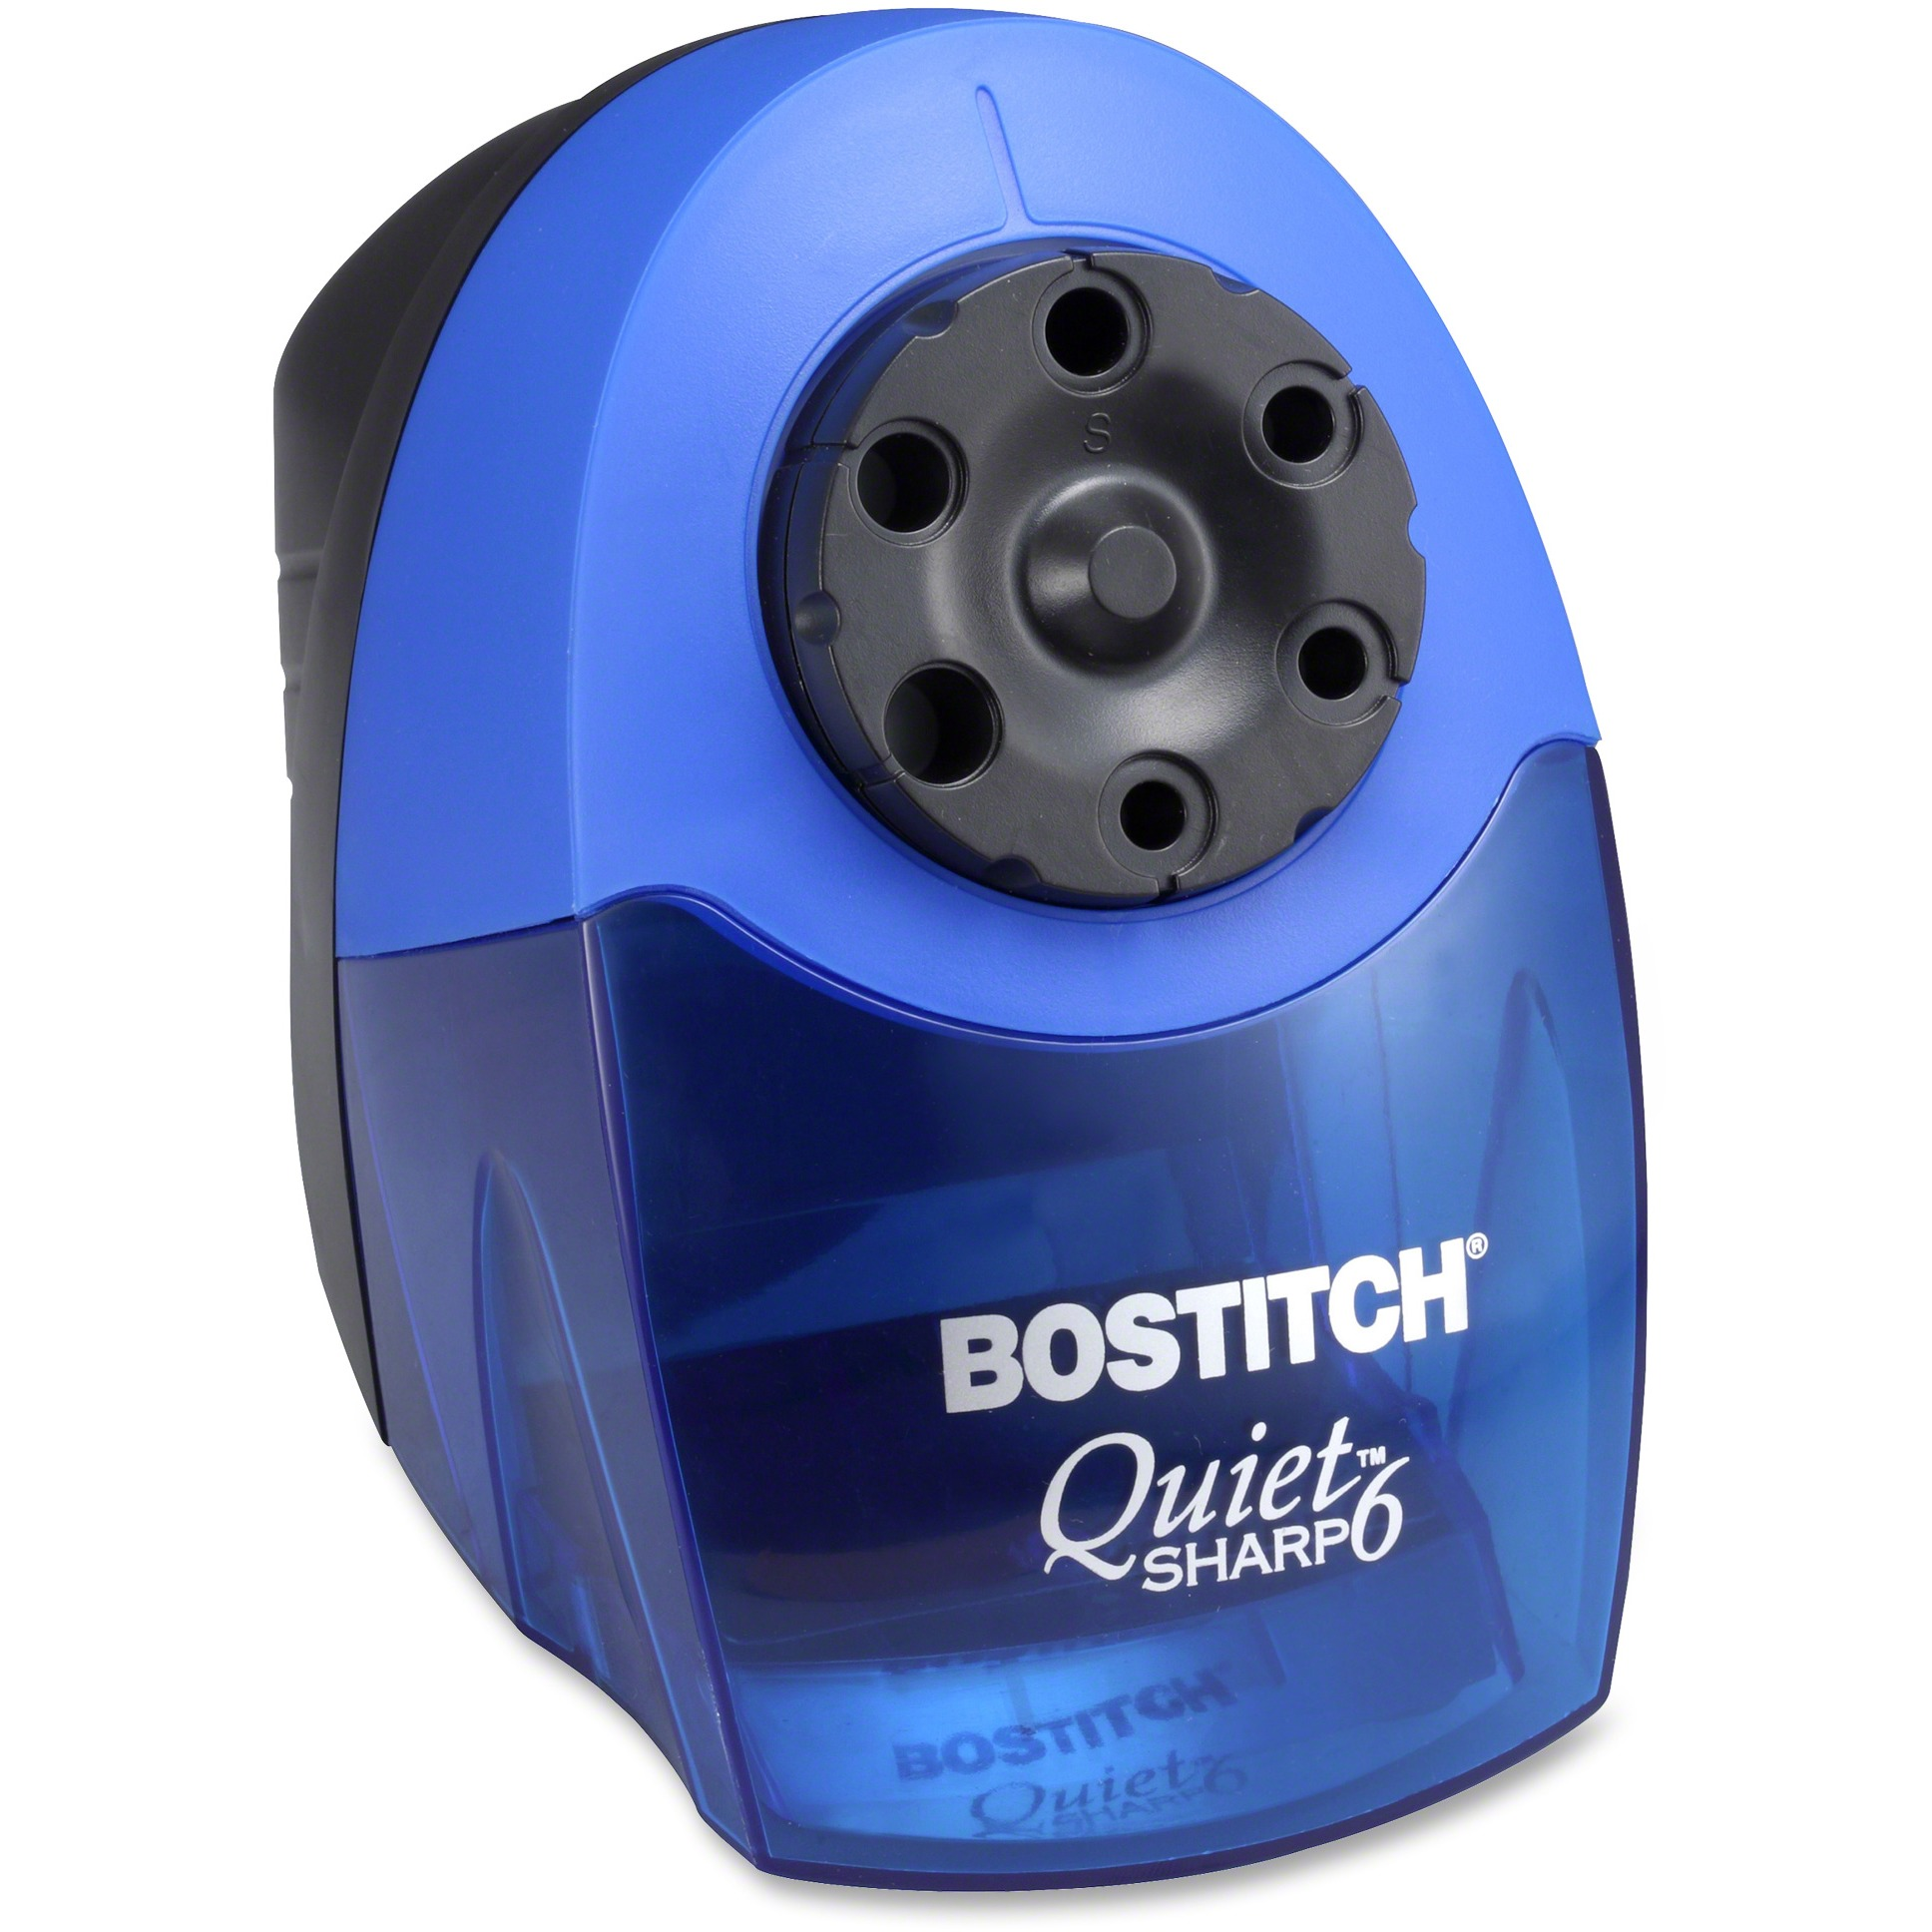 Bostitch QuietSharp 6 Classroom Electric Pencil Sharpener, Blue